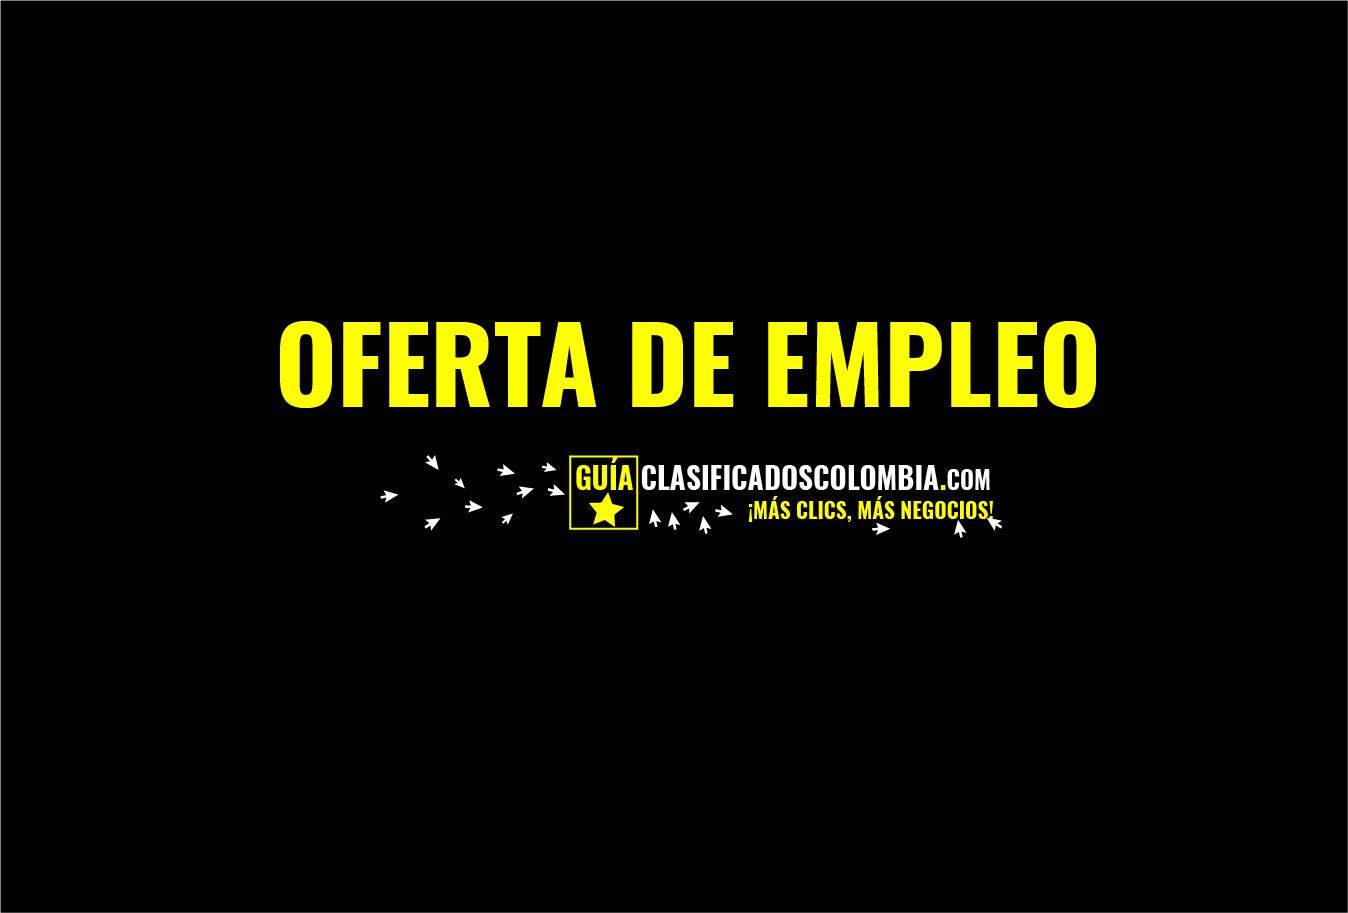 OFERTA DE EMPLEO COLOMBIA GUIACLASIFICADOSCOLOMBIA